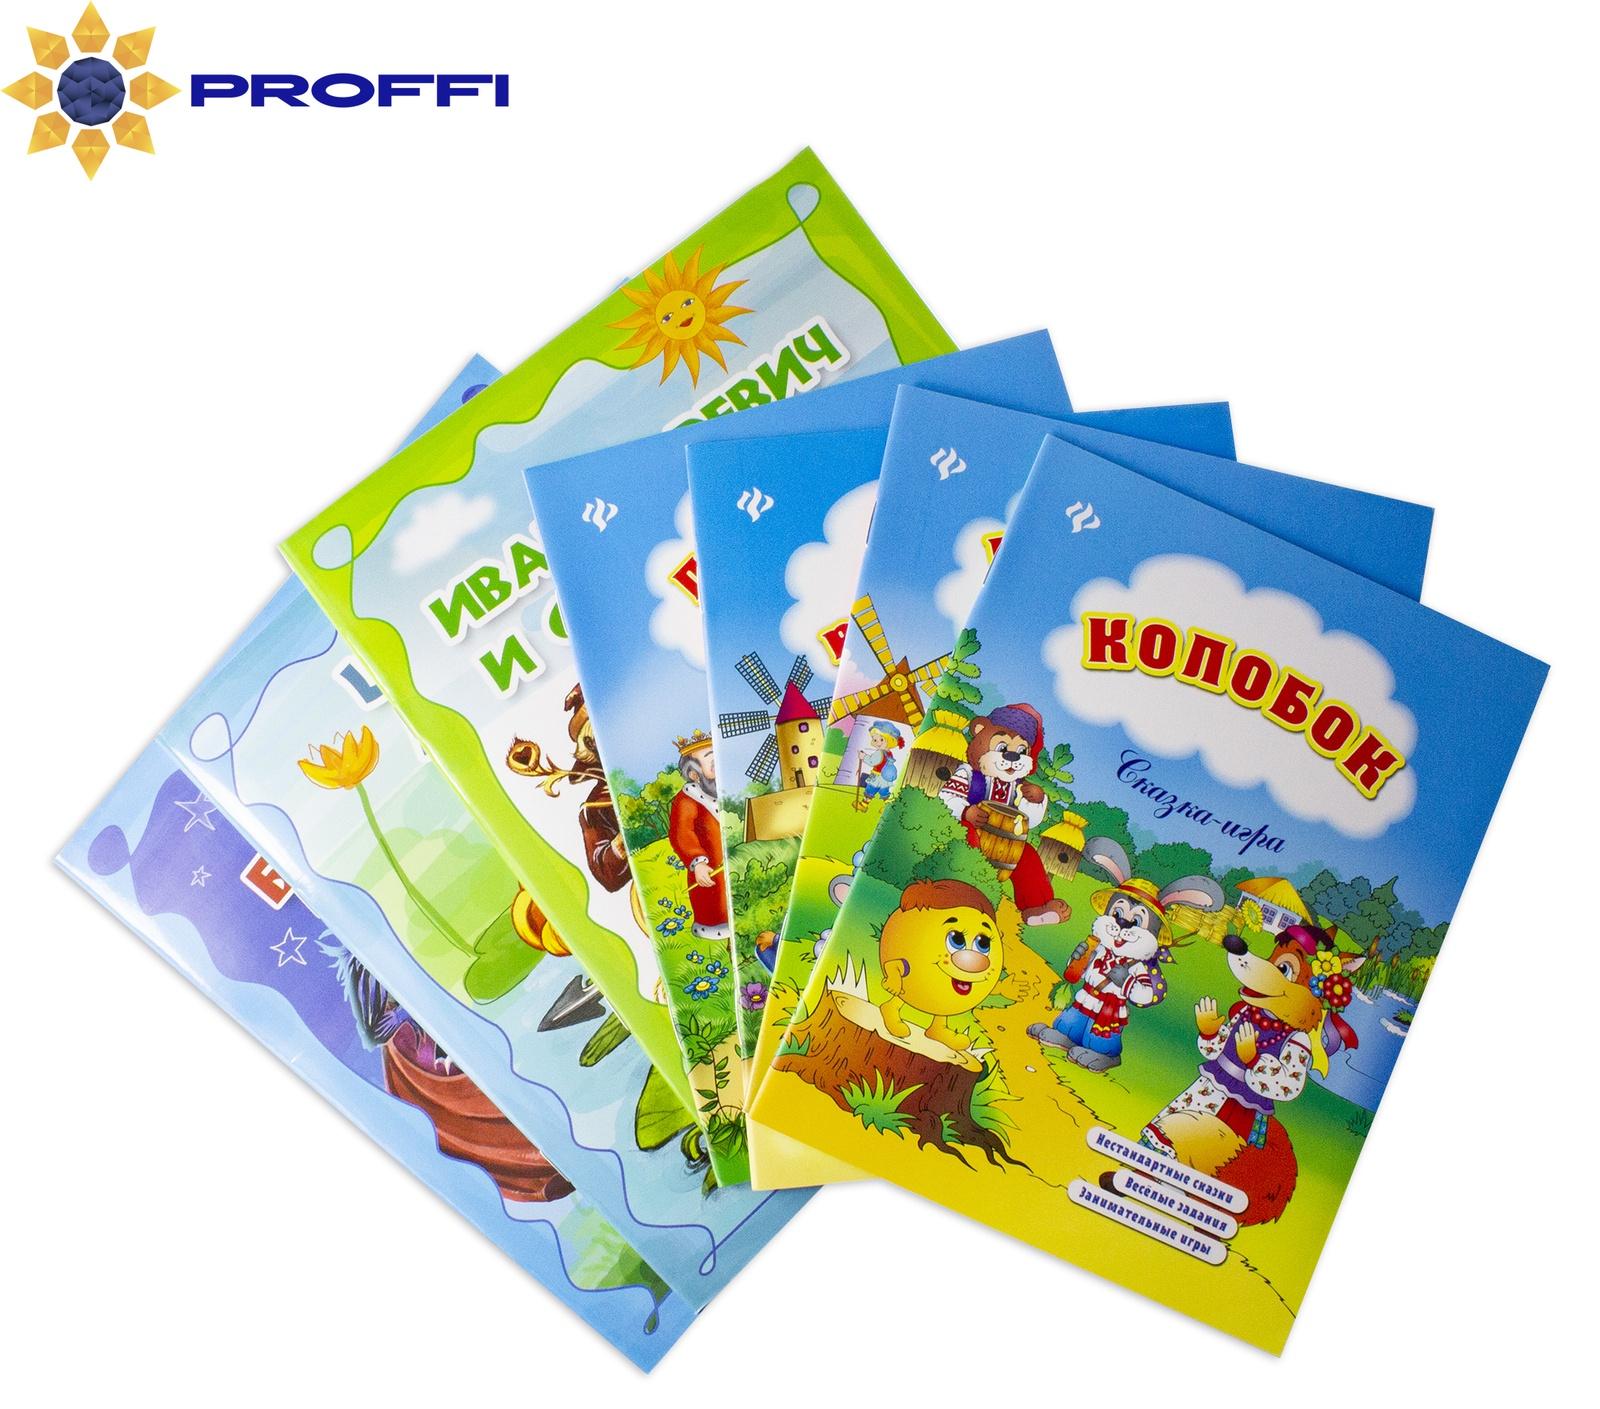 Серия Сказка-игра (4 книги) и Учение с увлечением (3 книги) серия сказка игра 4 книги и учение с увлечением 3 книги